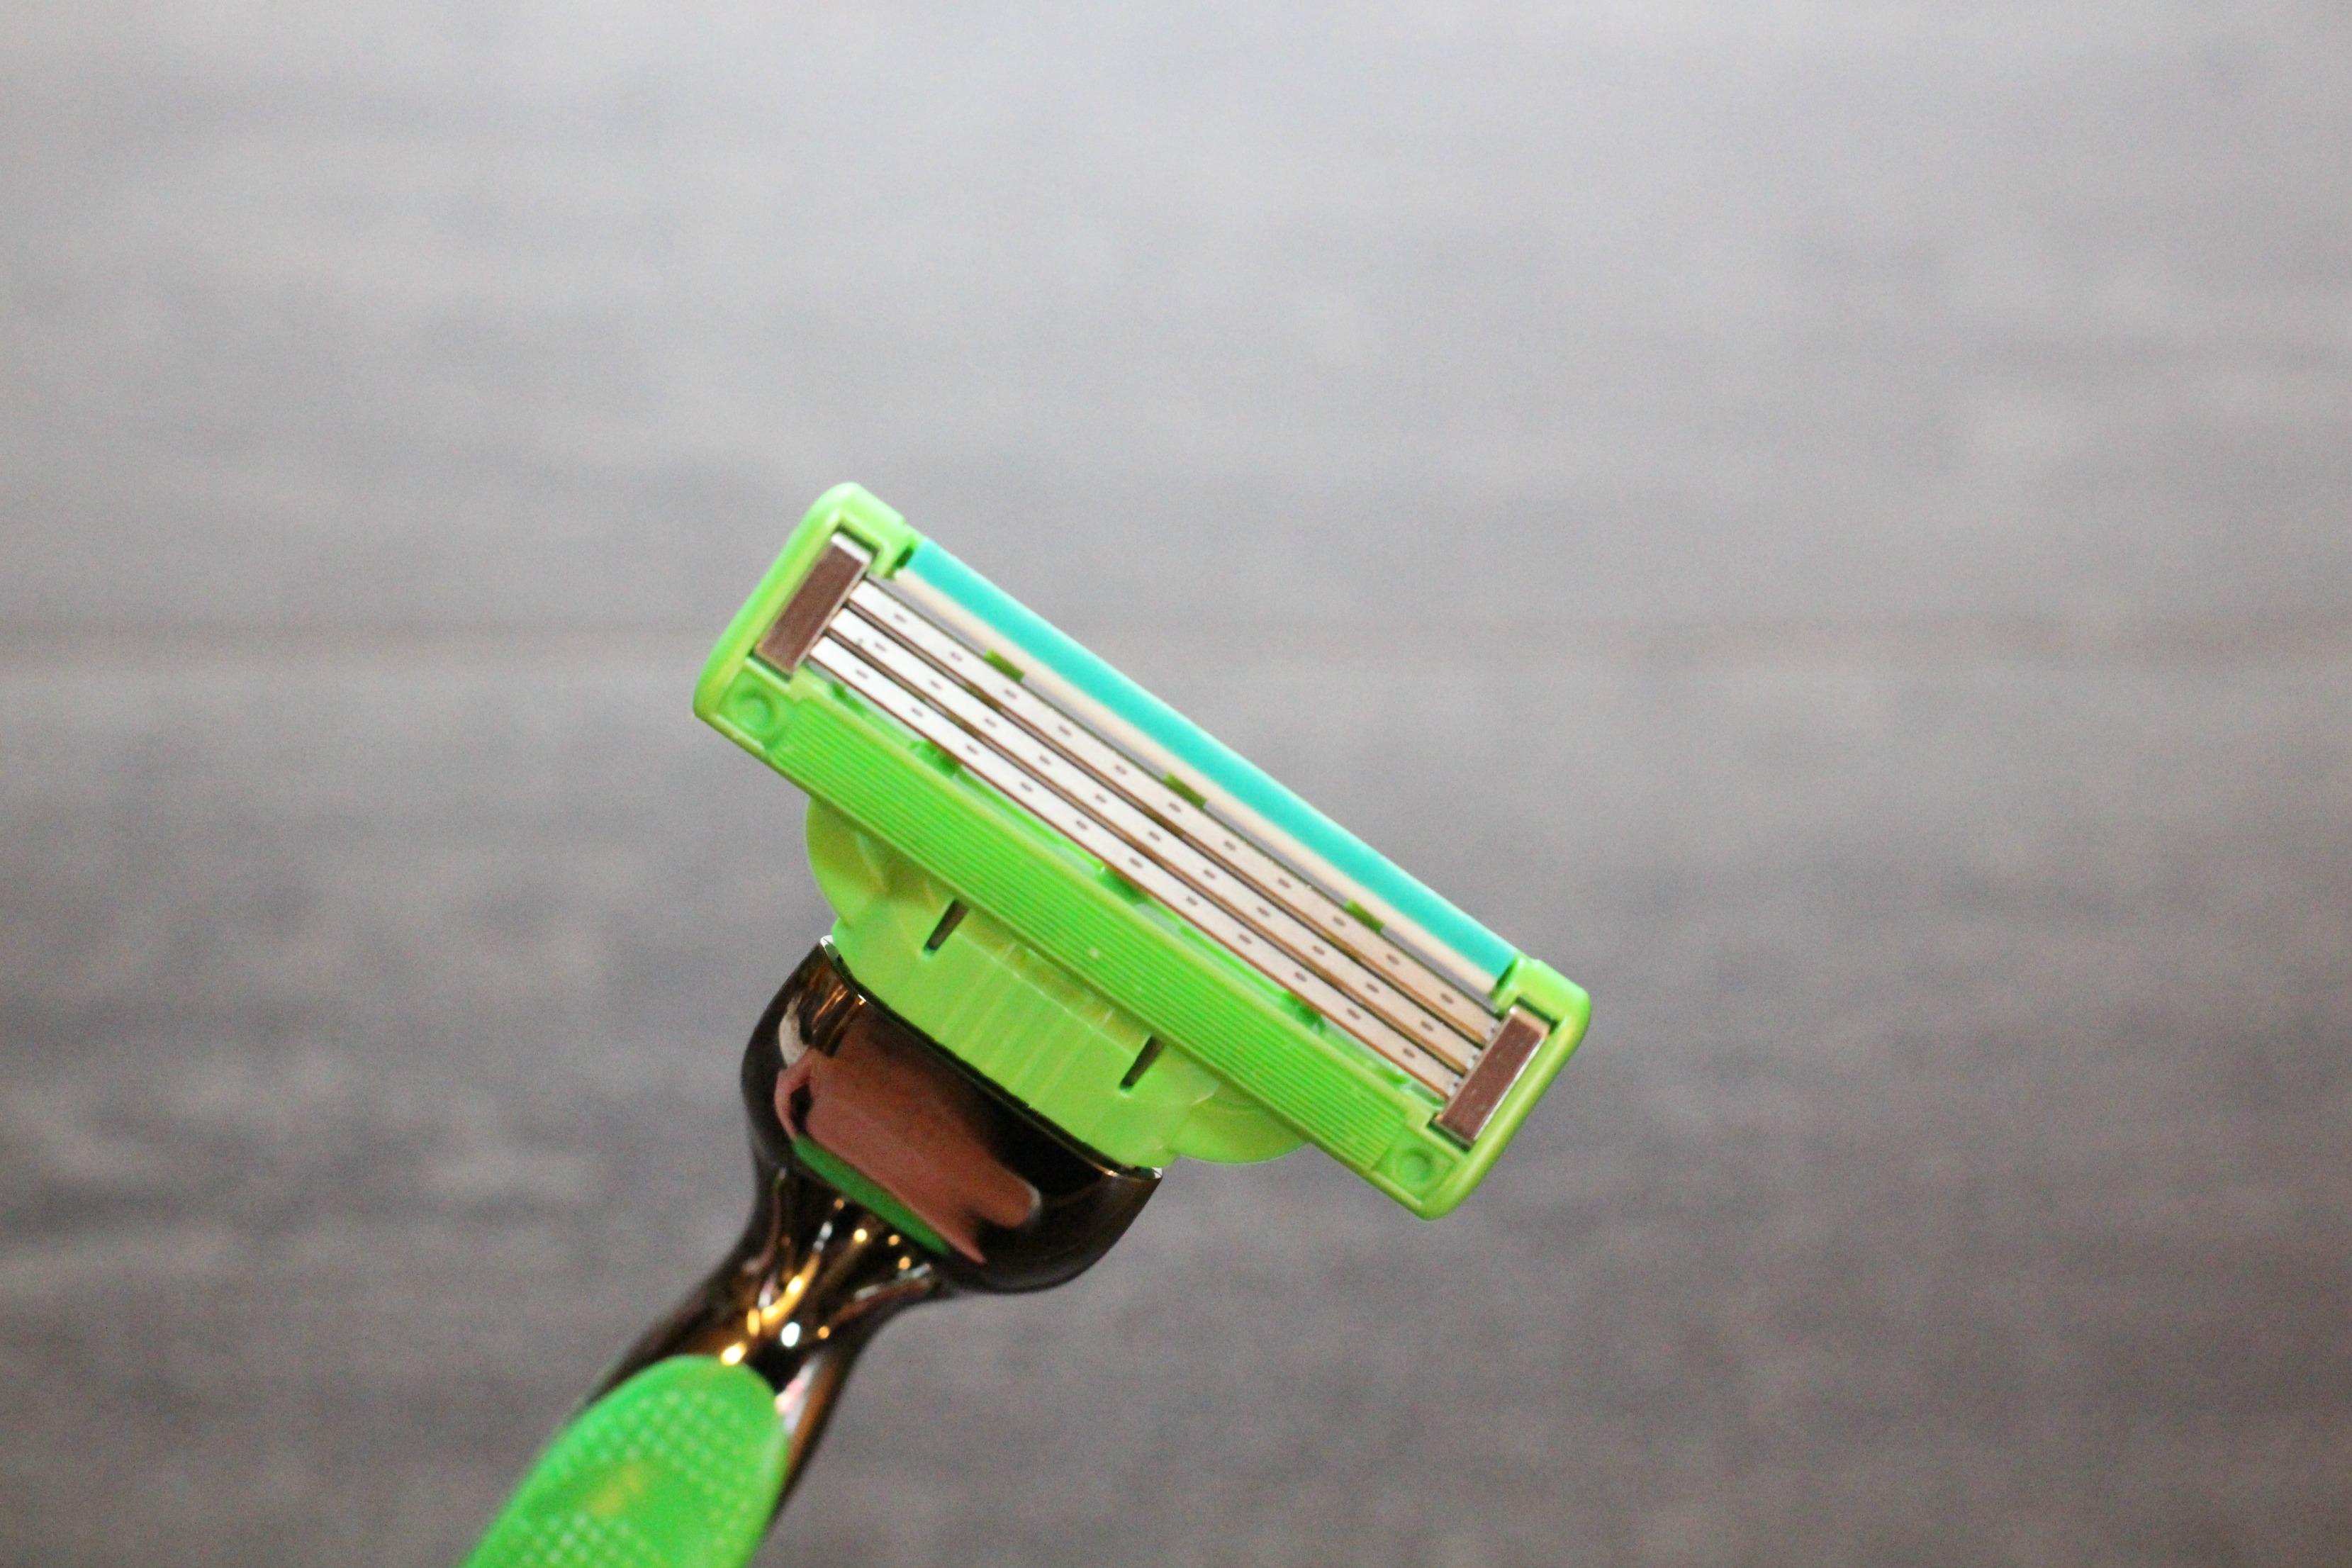 razor-up-close